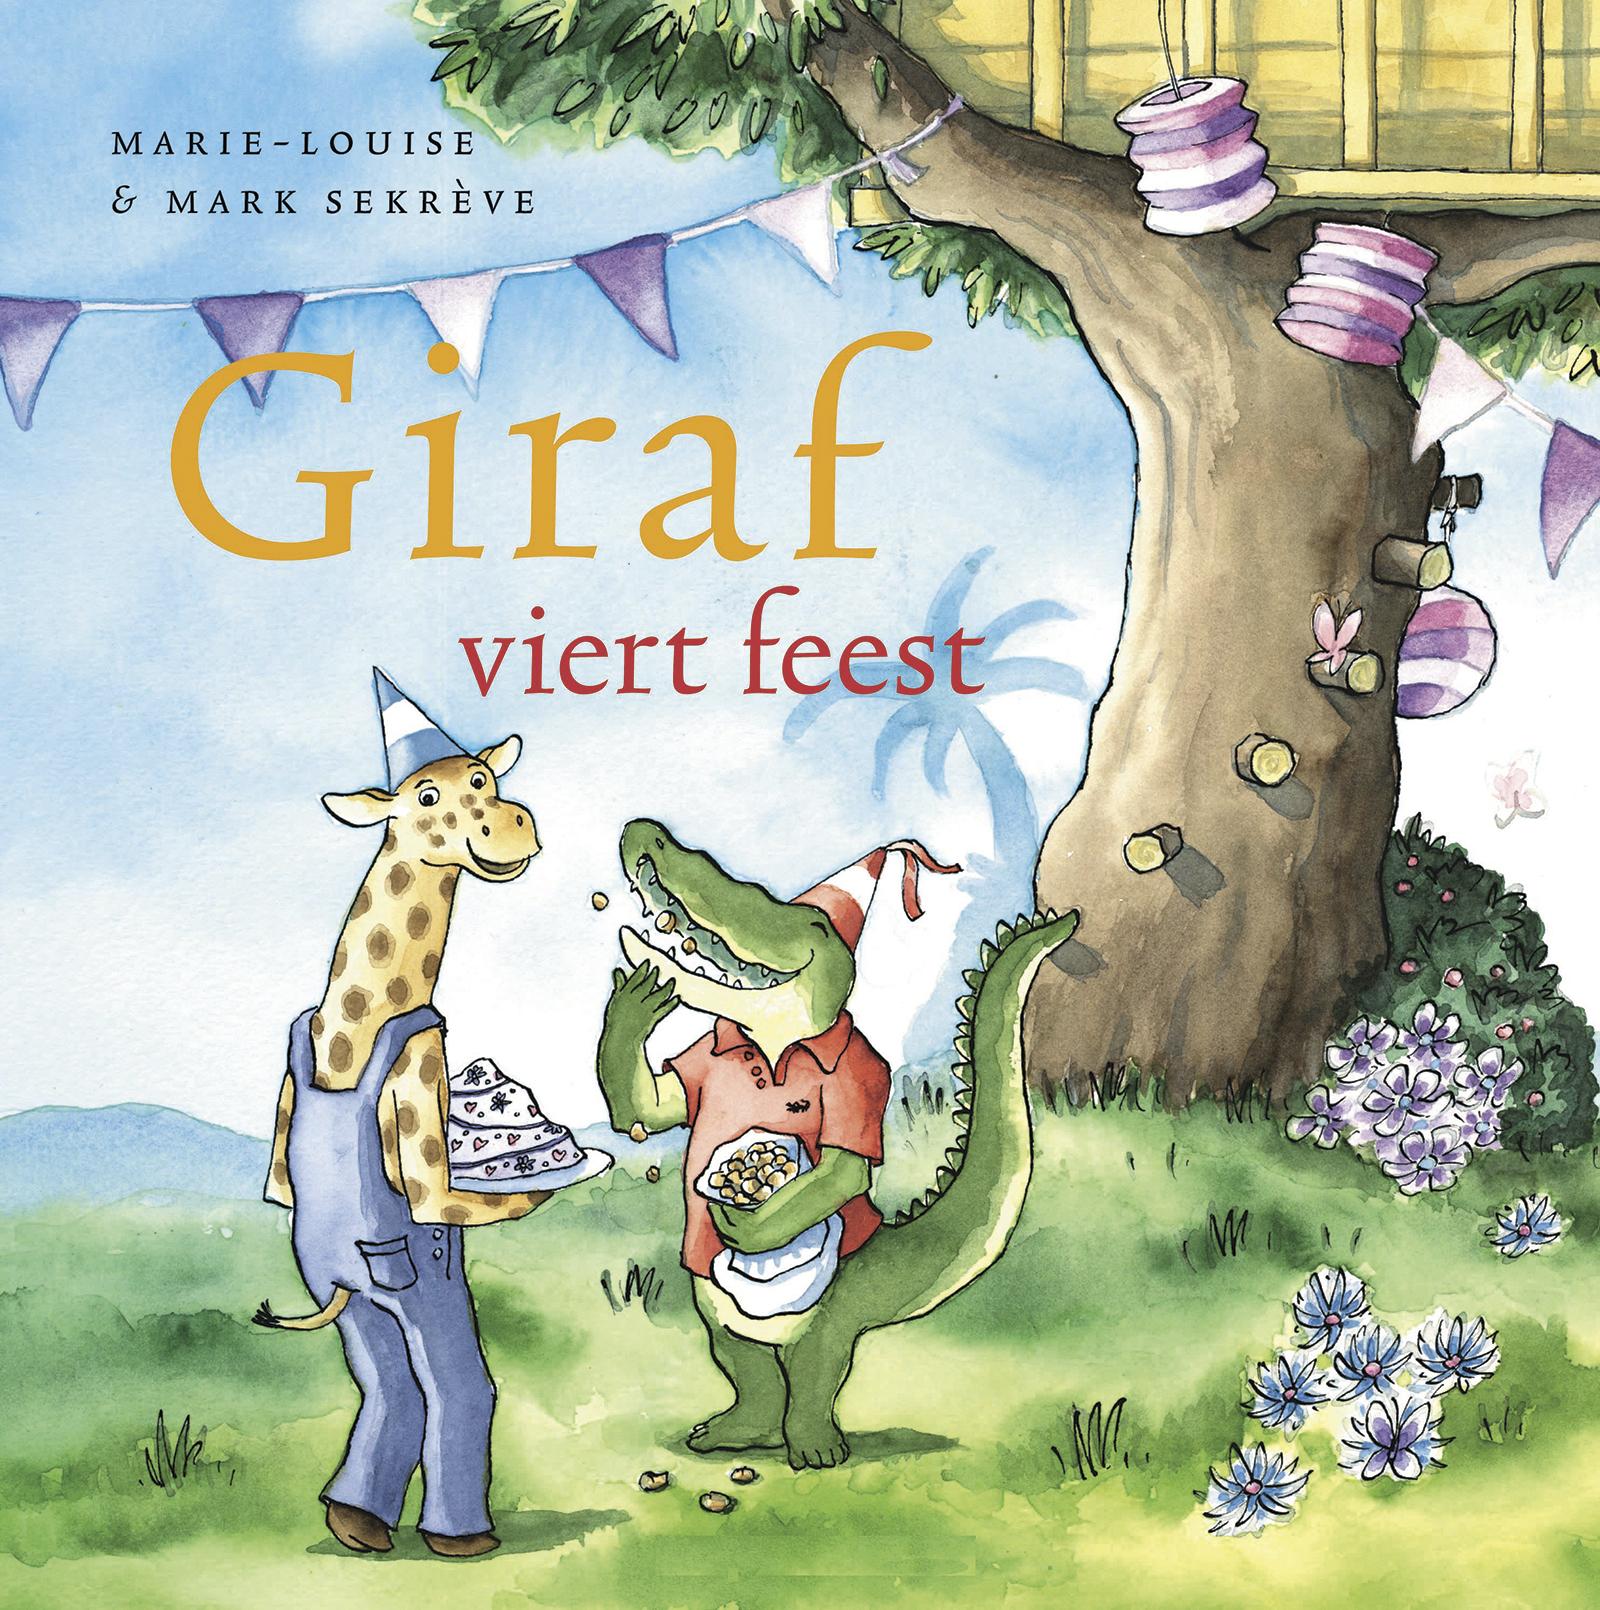 giraf-viert-feest-uitgeverij-eendagsvlieg